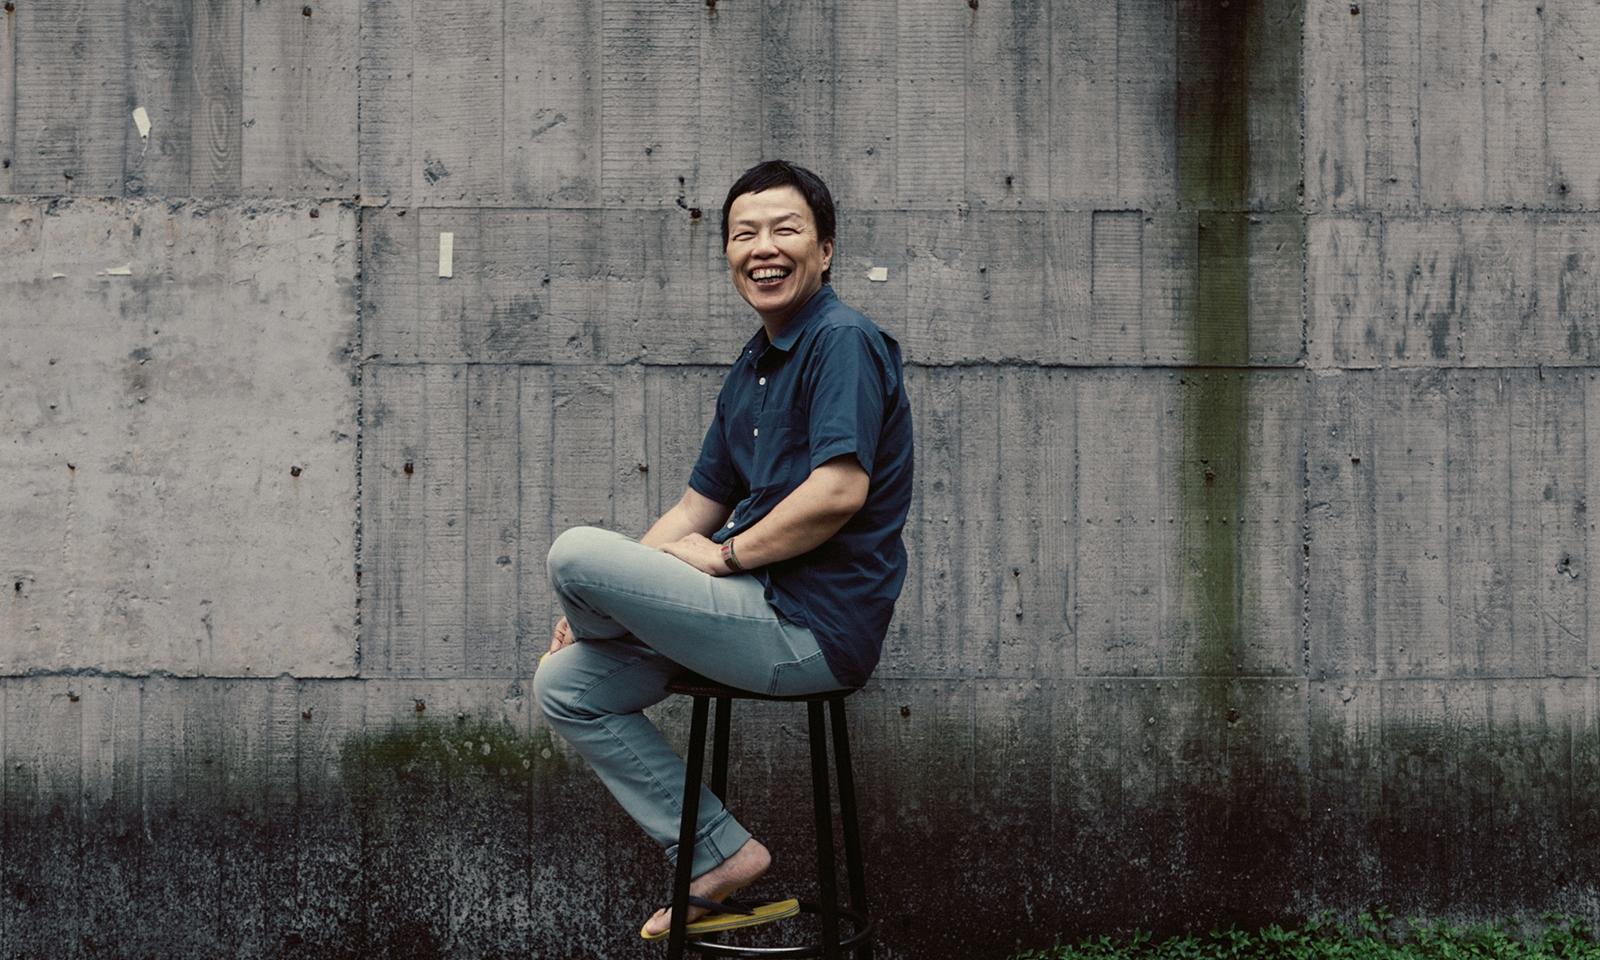 「年輕一代會說故事,但基本功才是關鍵」:王小棣專訪